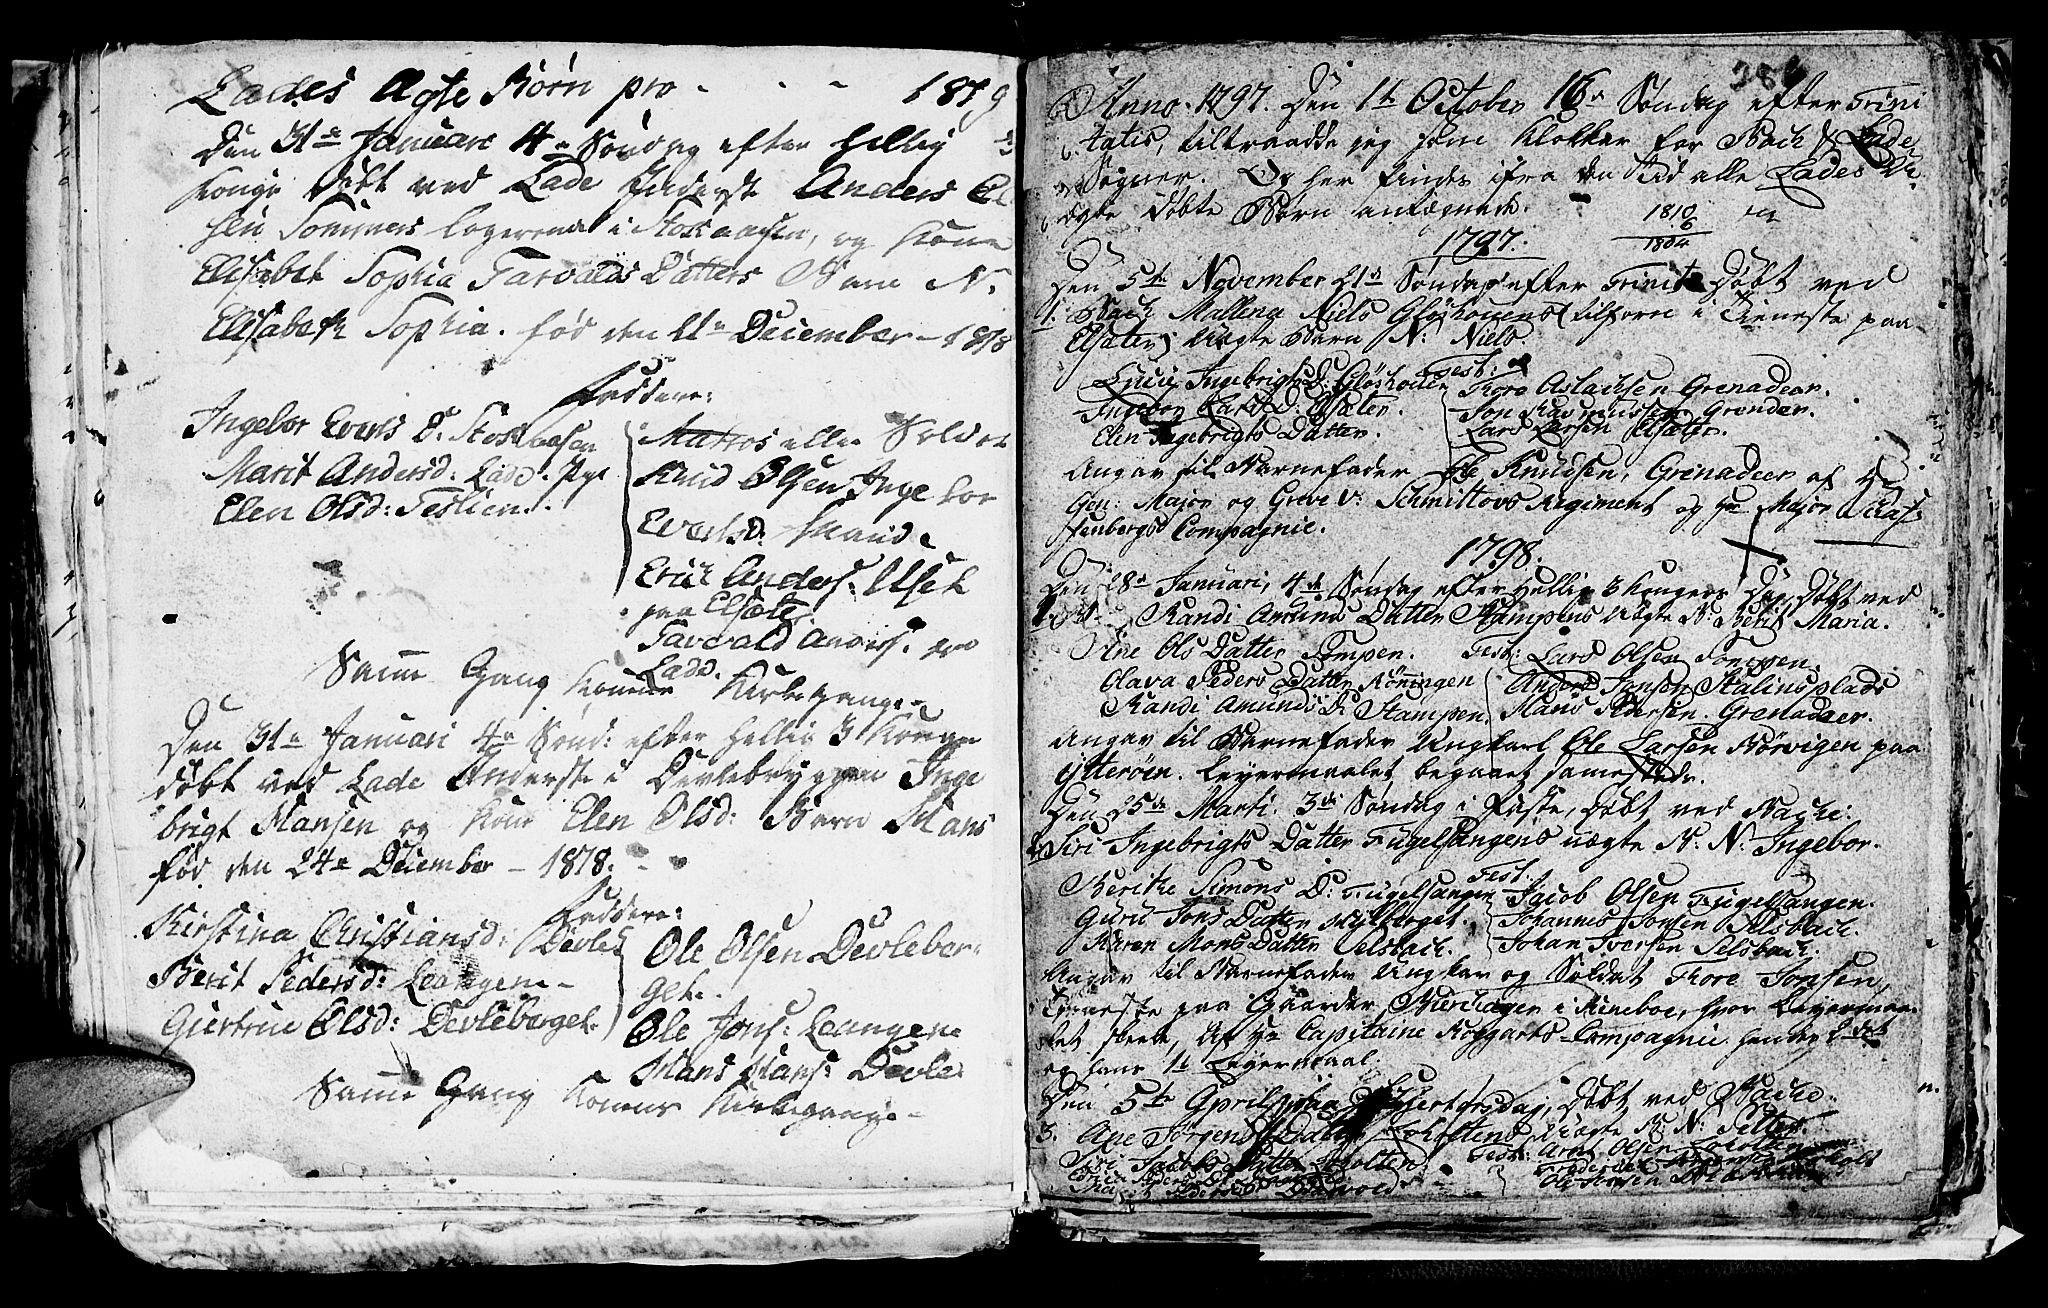 SAT, Ministerialprotokoller, klokkerbøker og fødselsregistre - Sør-Trøndelag, 606/L0305: Klokkerbok nr. 606C01, 1757-1819, s. 286